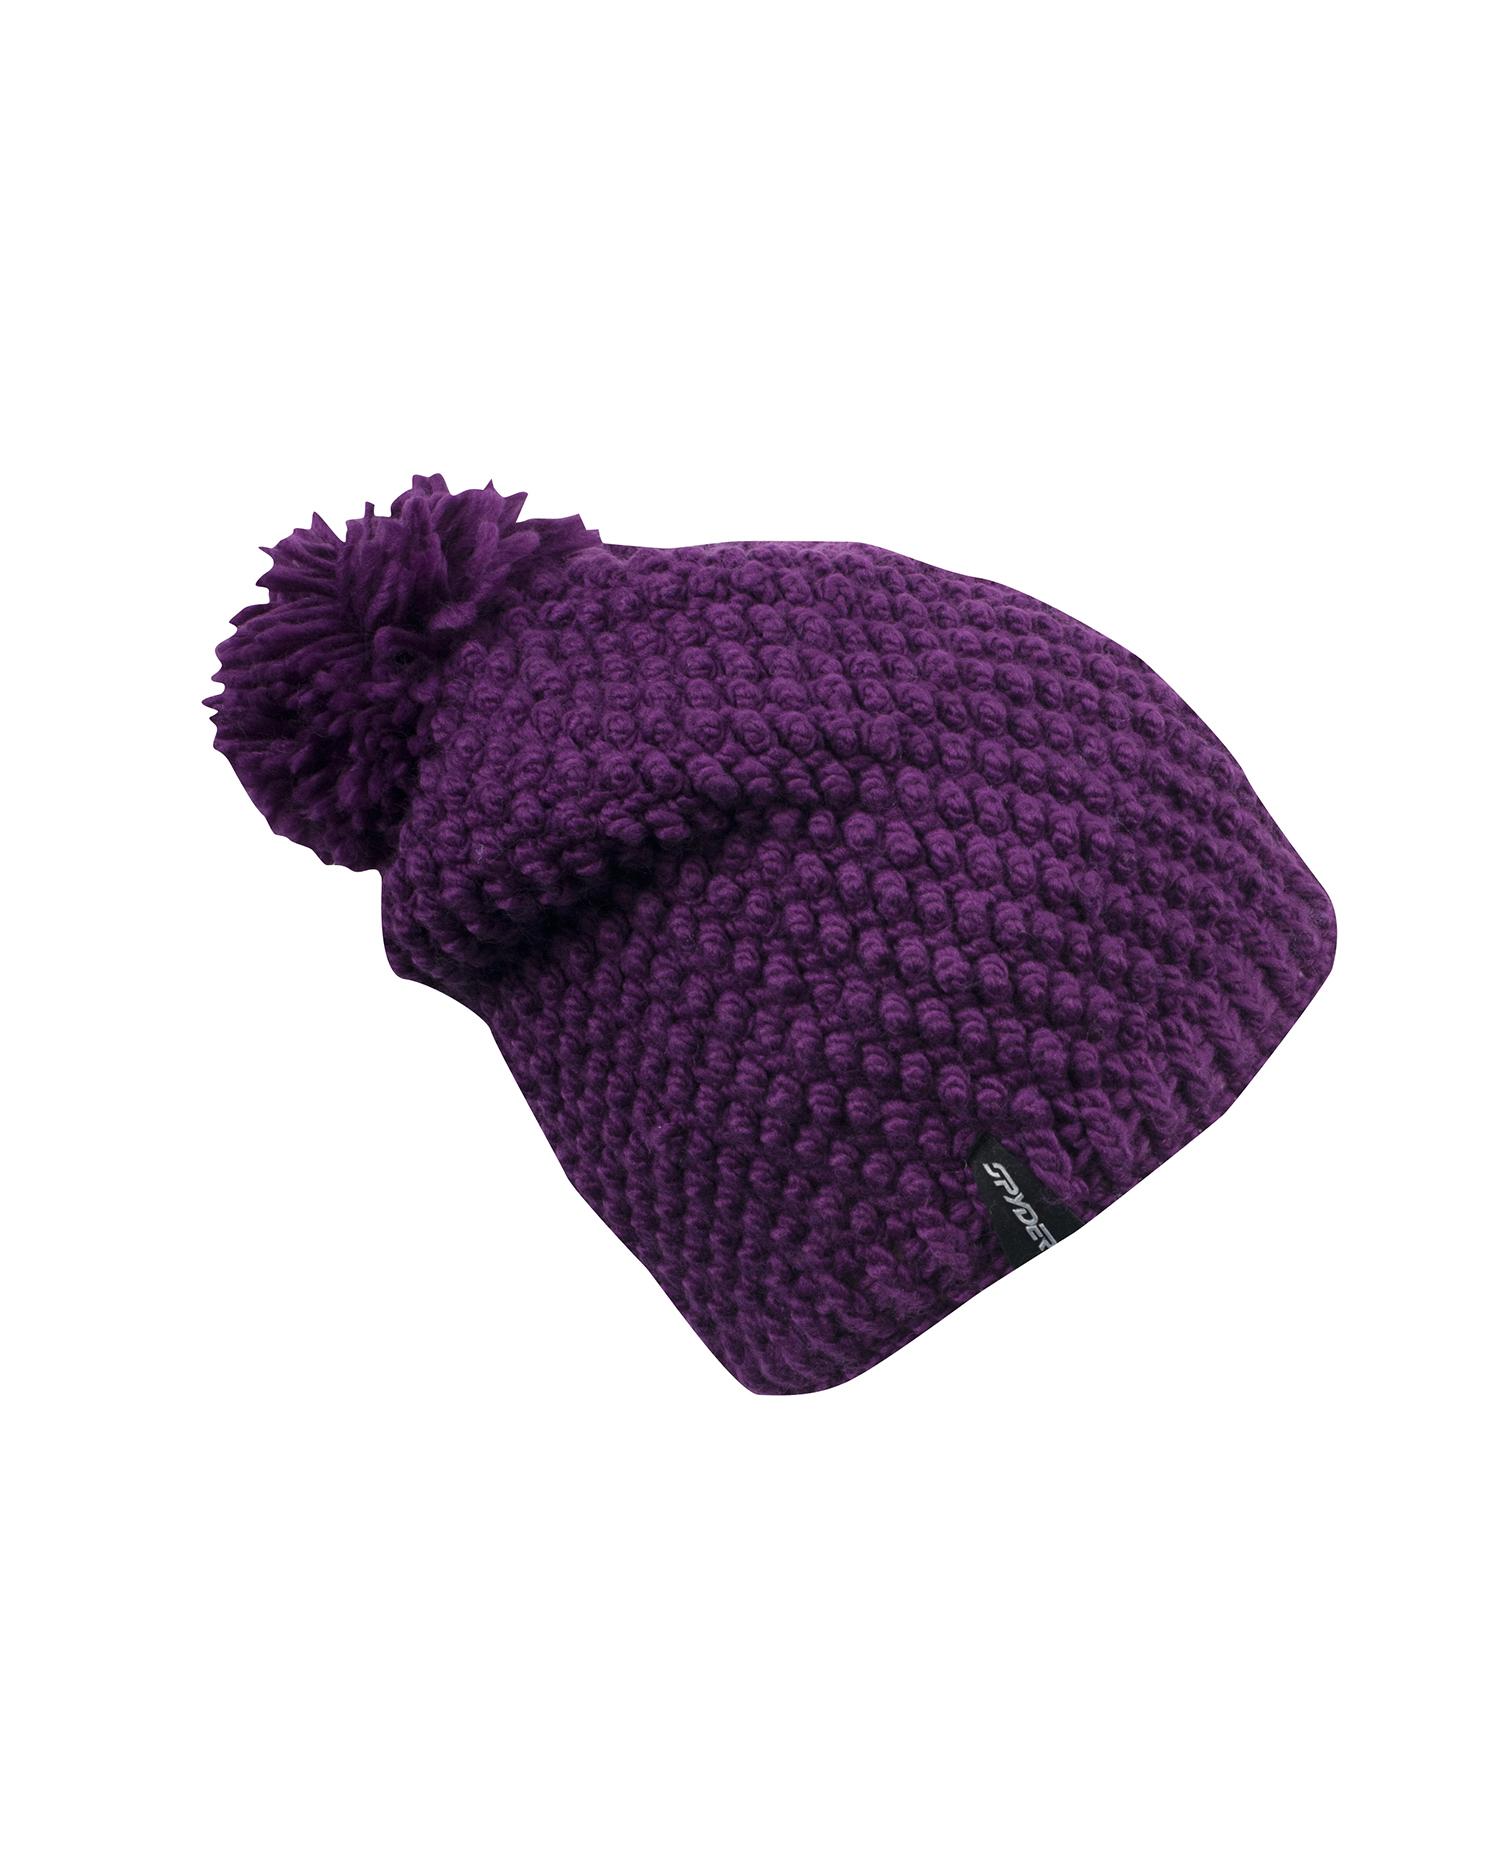 Spyder Brrr Berry Hand Knit